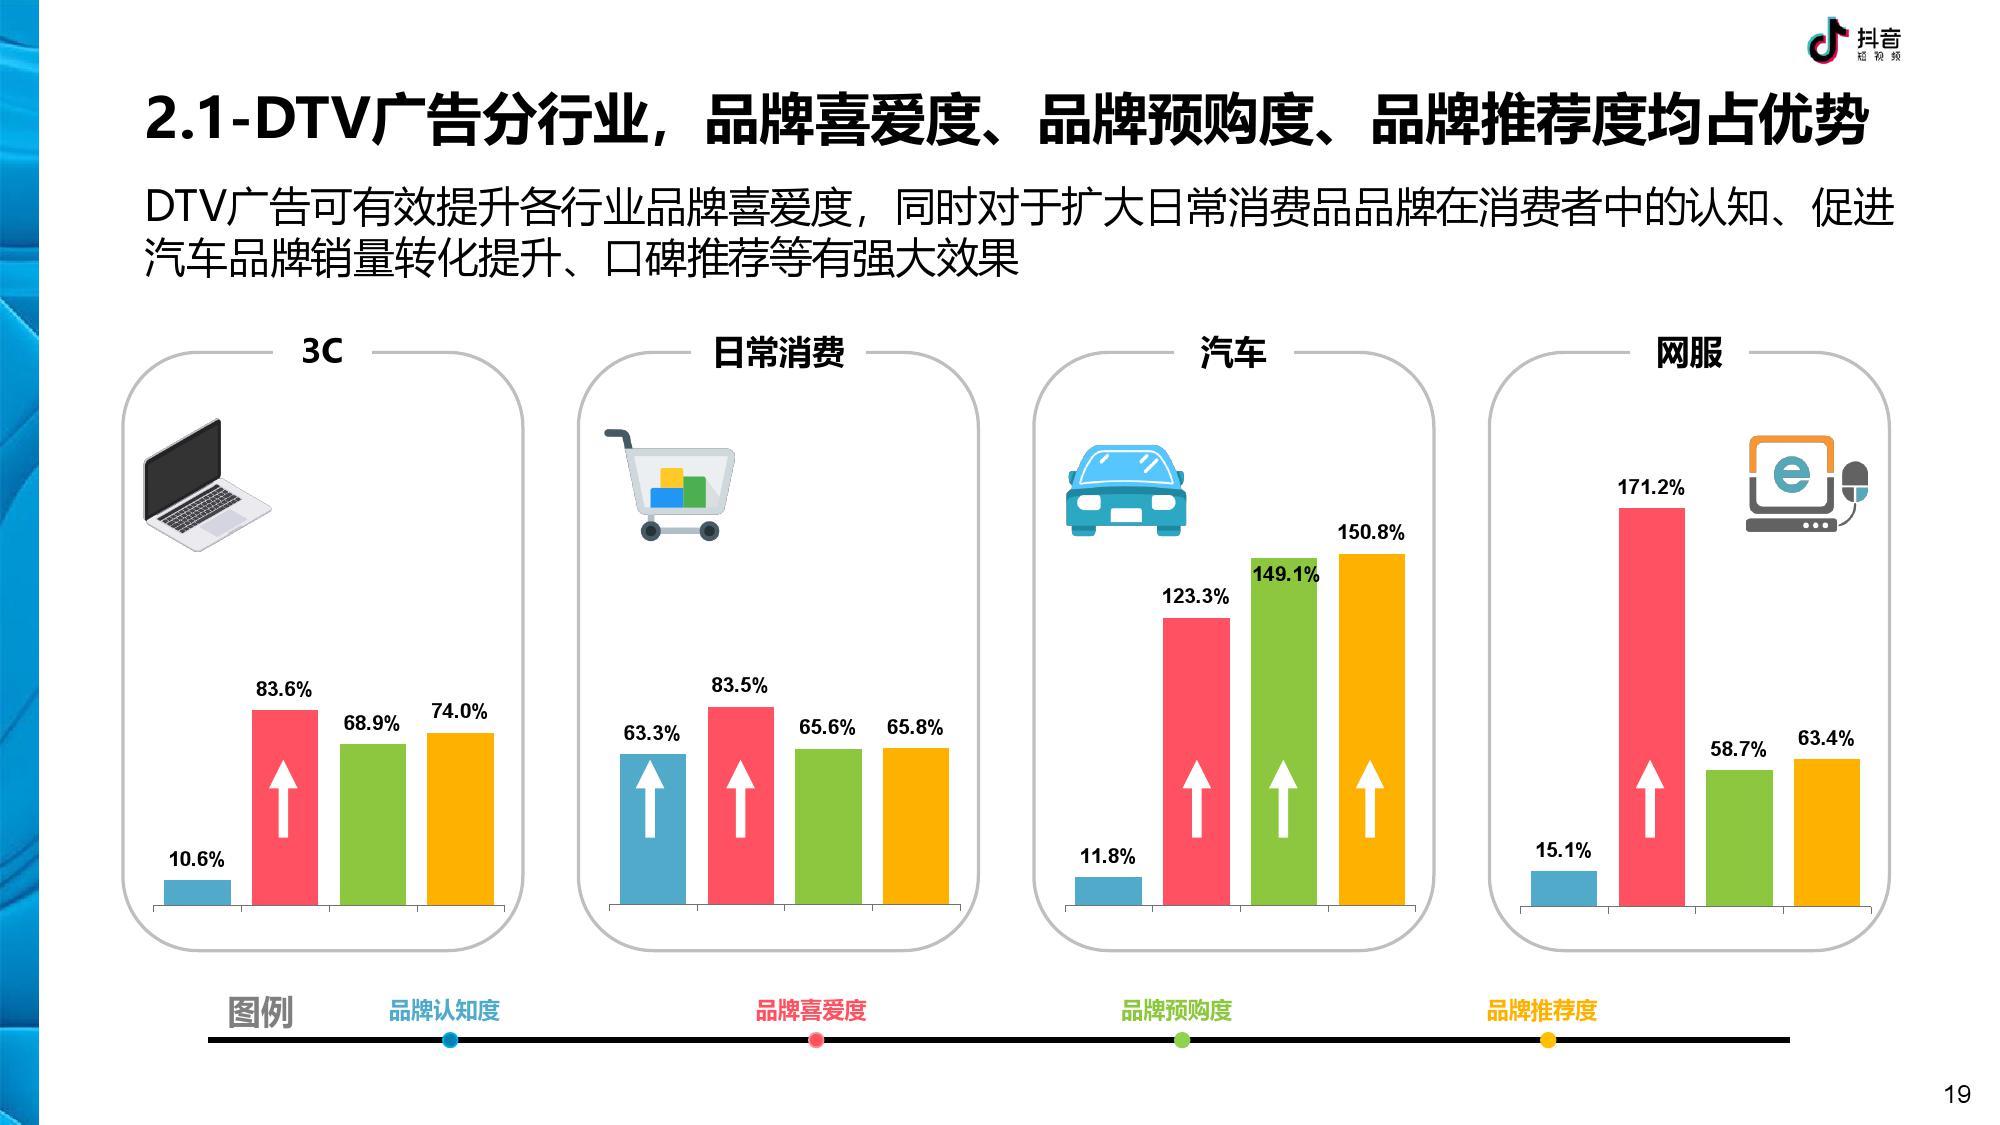 抖音 DTV 广告营销价值白皮书-CNMOAD 中文移动营销资讯 19